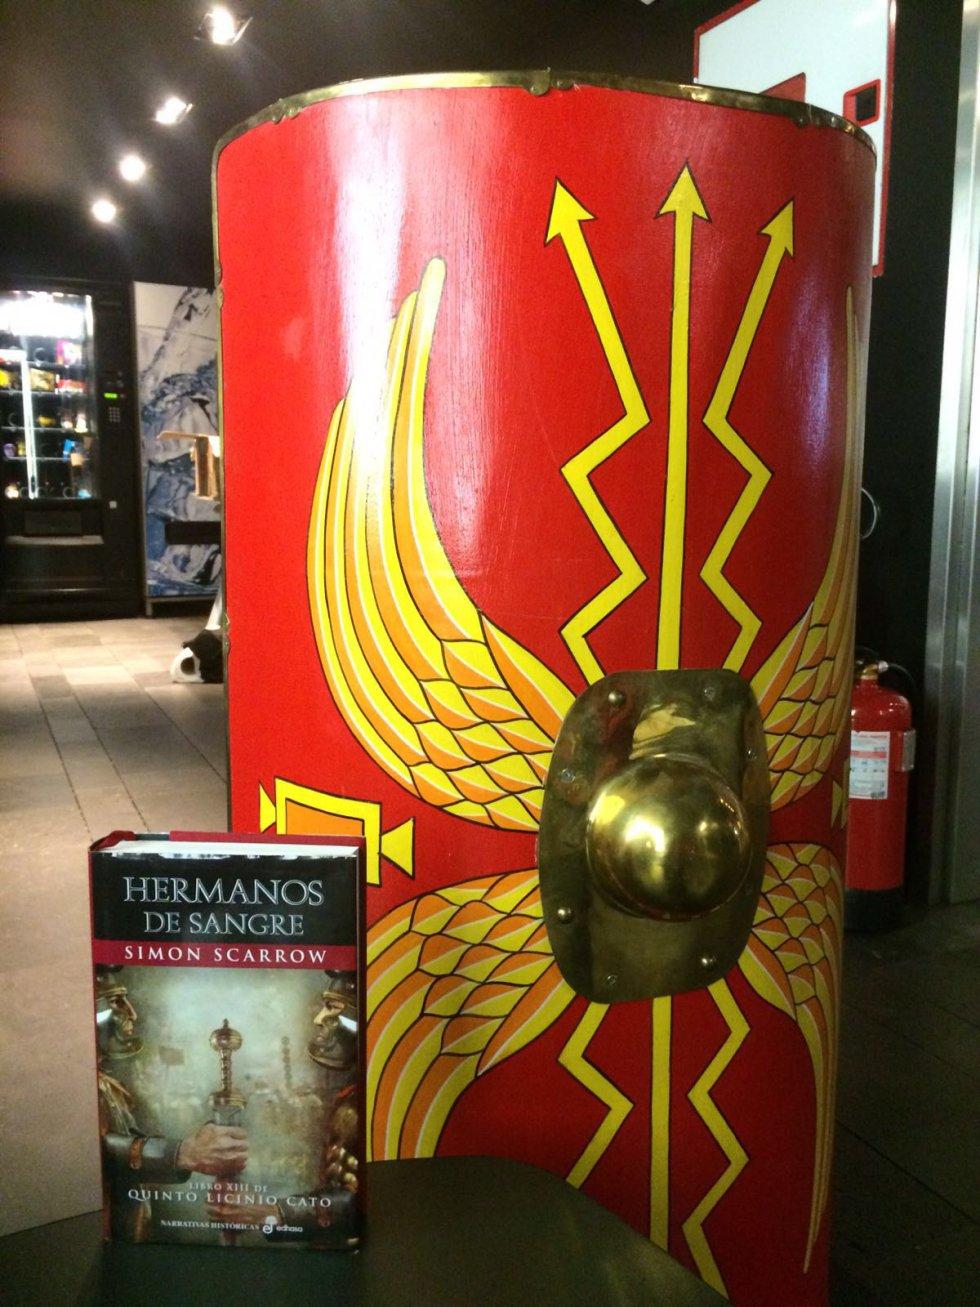 Escudo romano y 'Hermanos de sangre'.